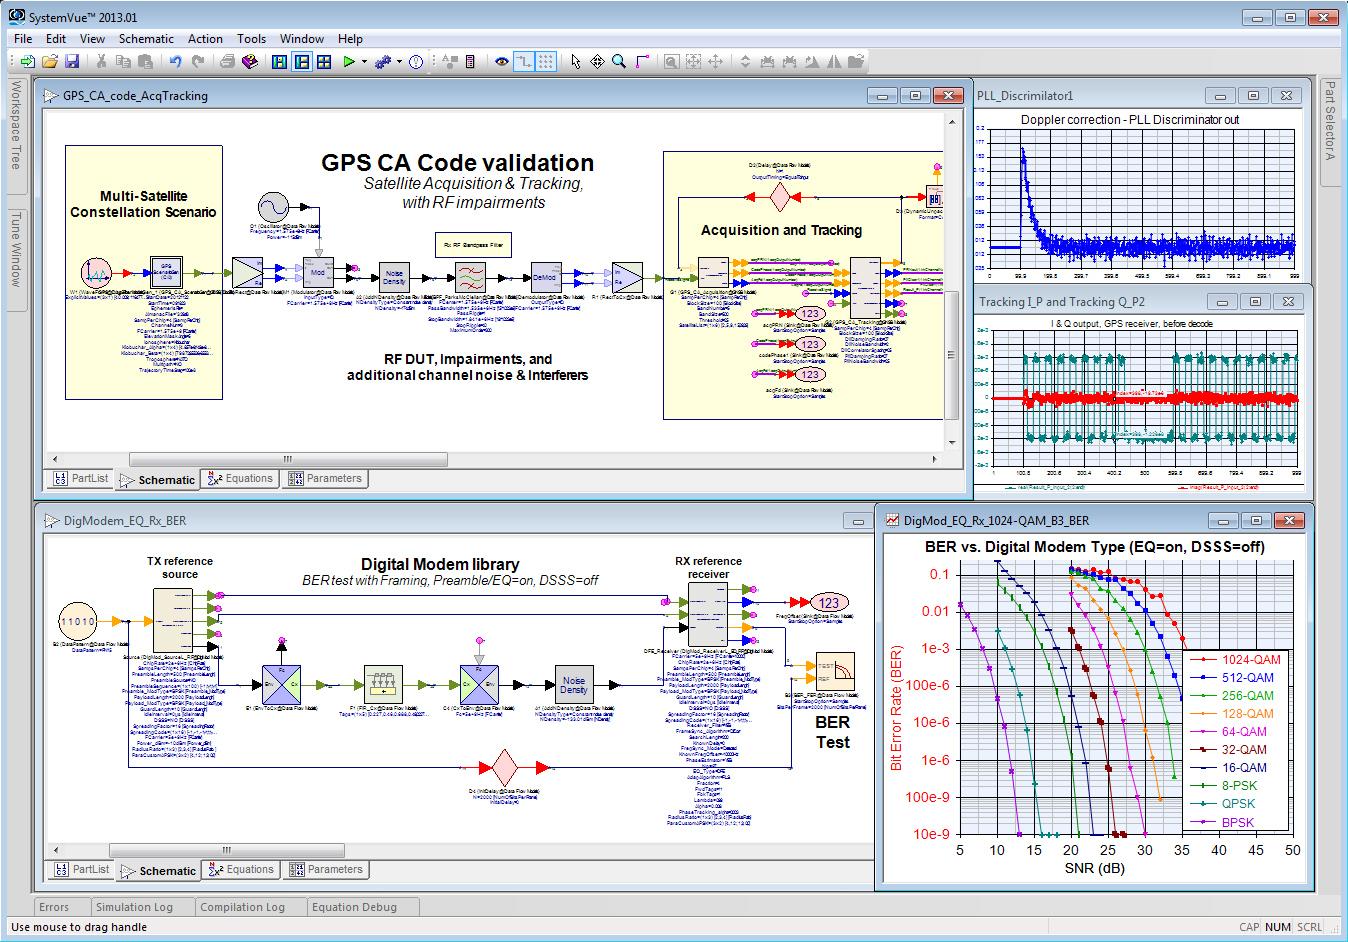 Средства проектирования системного уровня для спутниковой связи и навигации